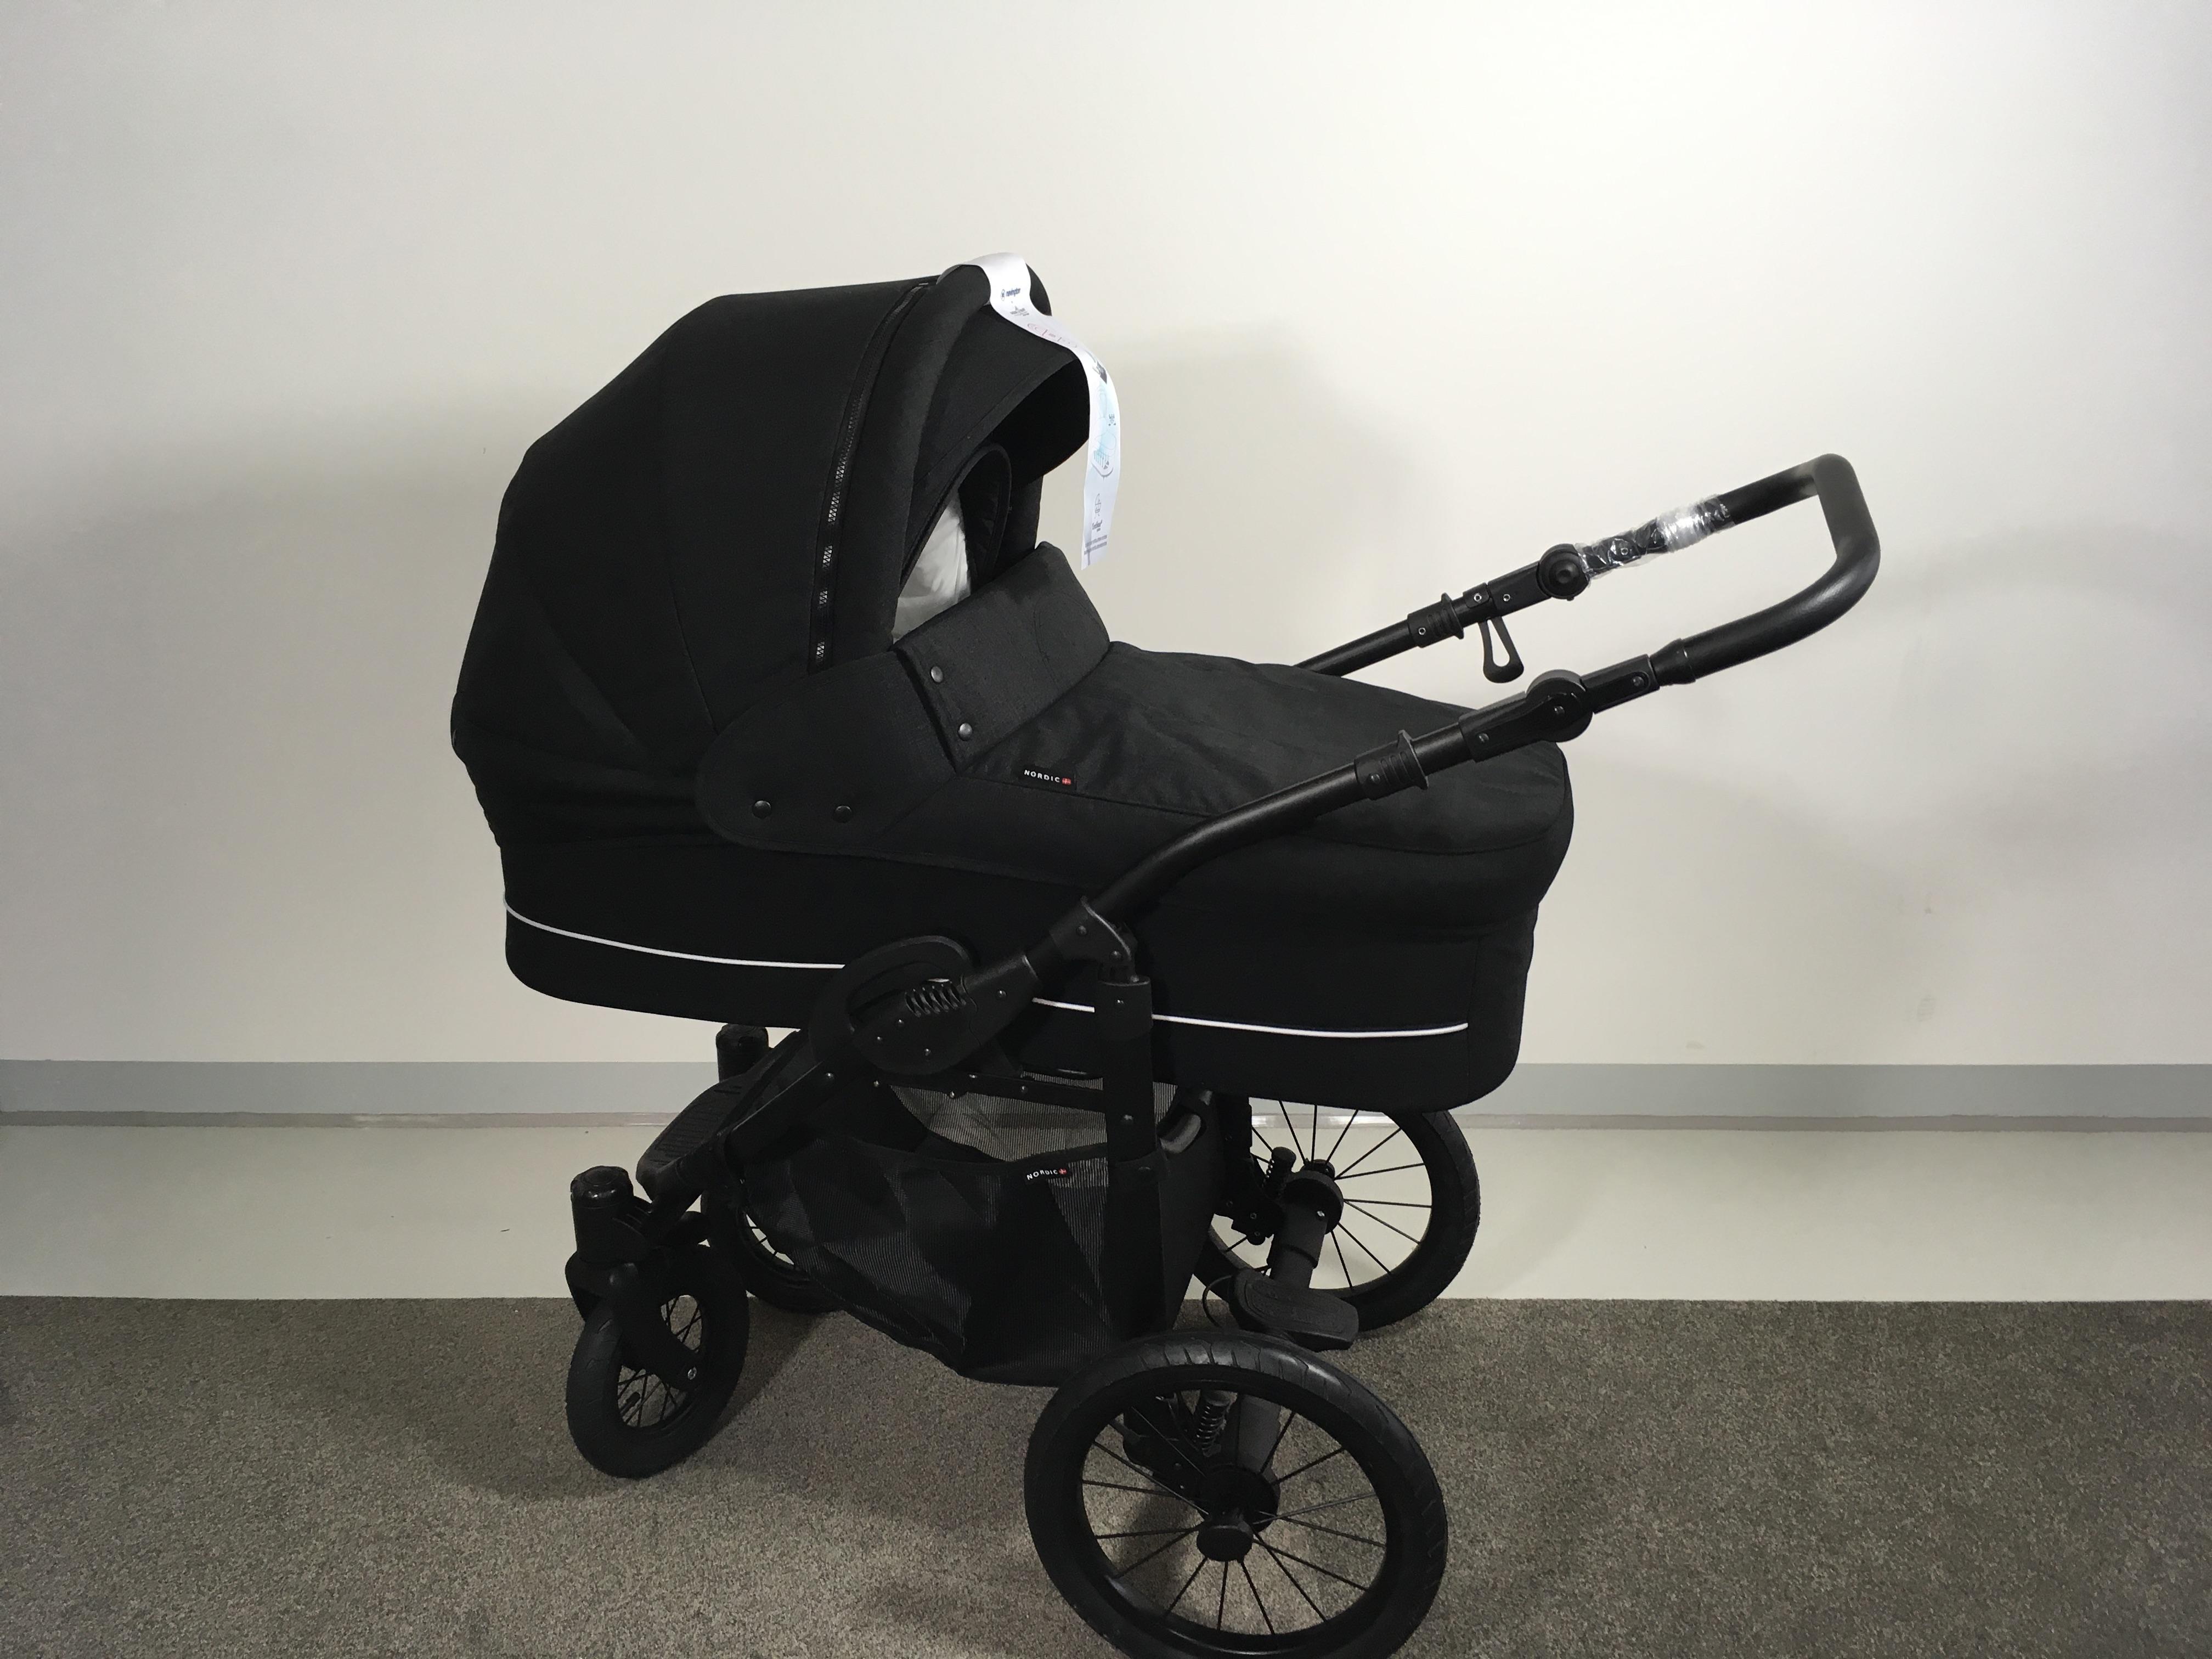 basson baby nordic lux kinderwagen dusty black nordic lux basson baby kinderwagen. Black Bedroom Furniture Sets. Home Design Ideas